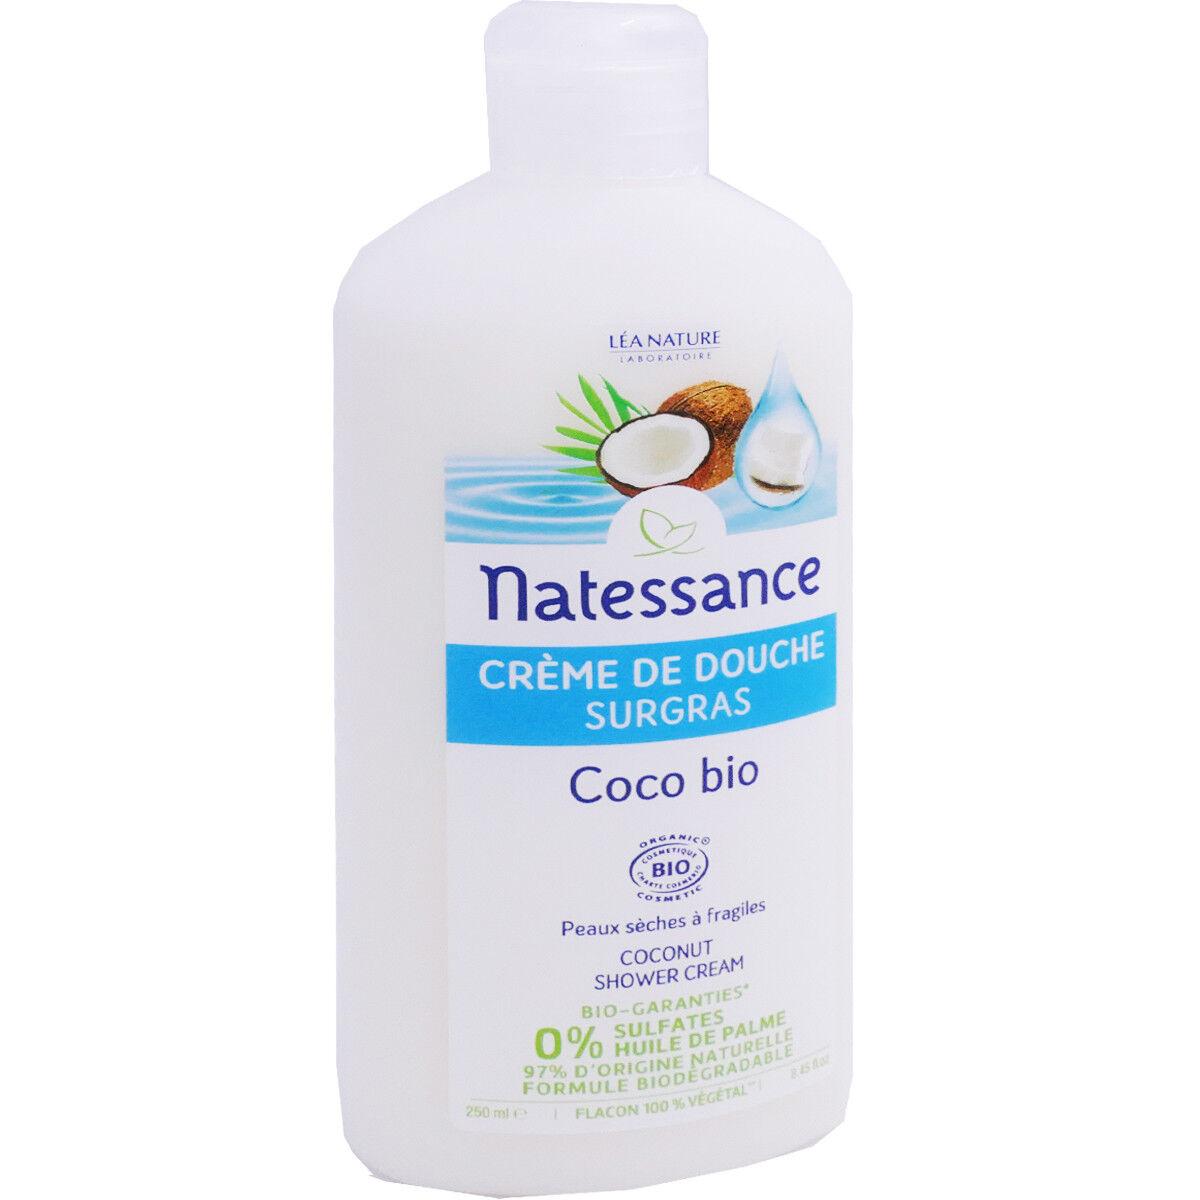 Natessance bio creme de couche coco 150 ml